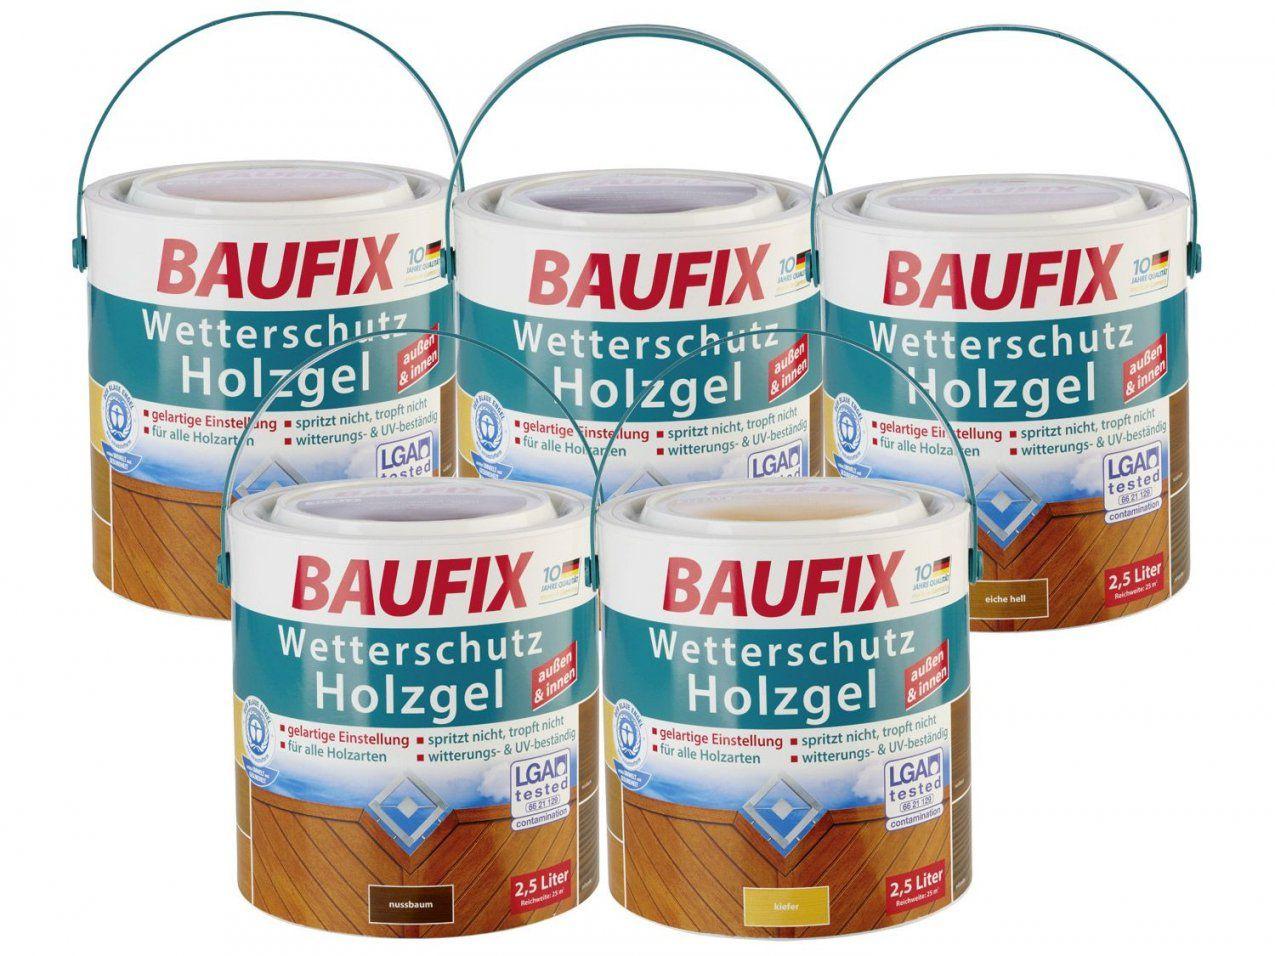 Baufix Wetterschutzholzgel 25 L  Lidl Deutschland  Lidl von Artico Wetterschutz Holzgel Palisander Bild